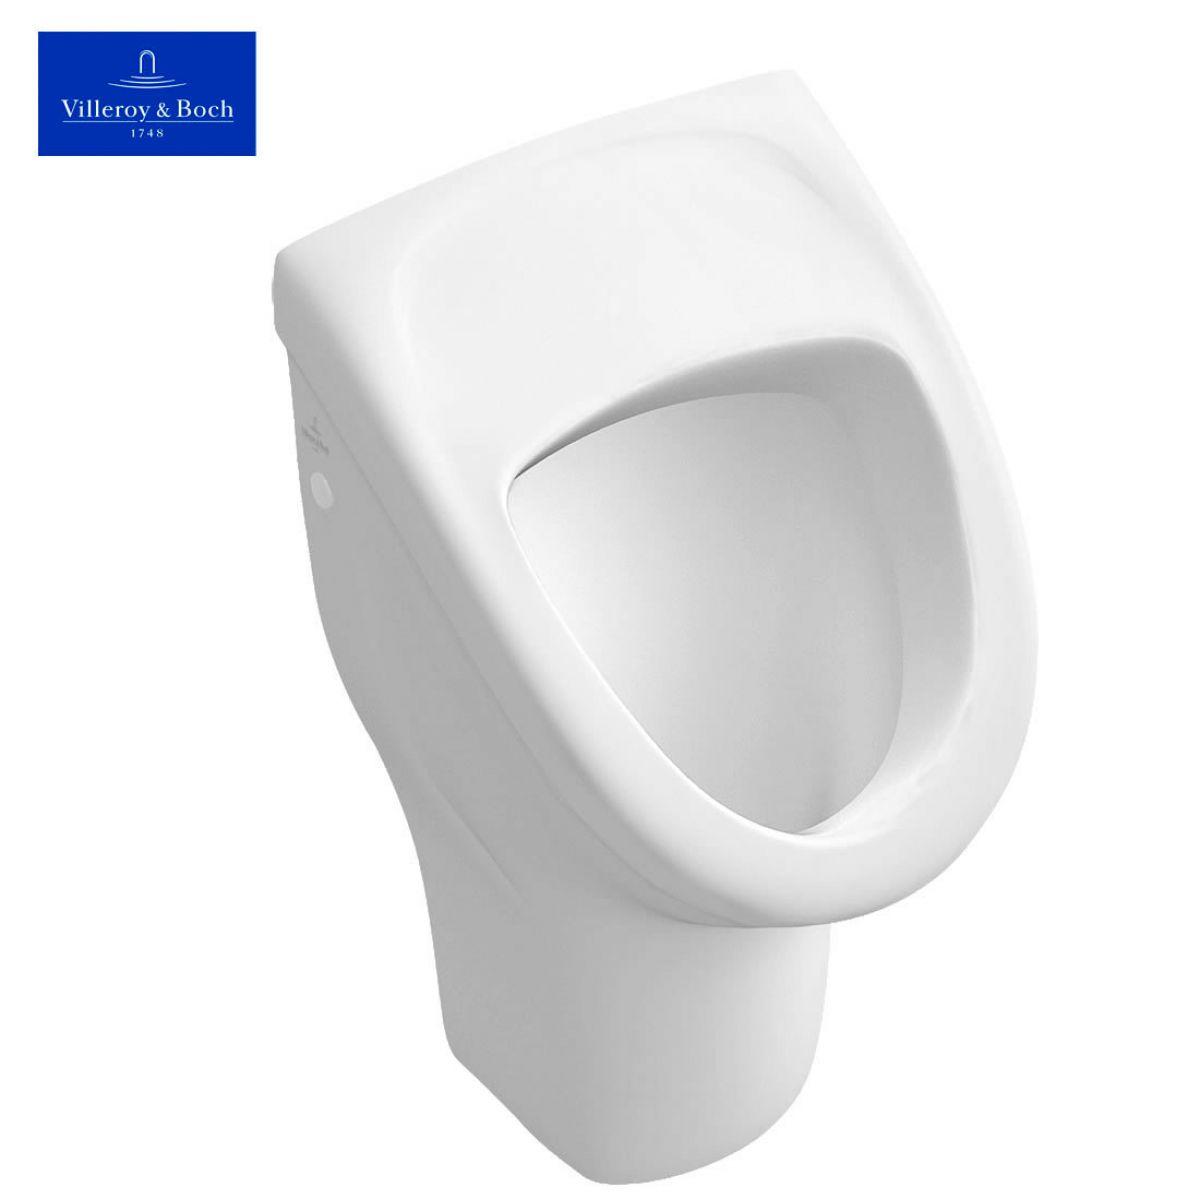 villeroy boch o novo urinal with concealed inlet uk. Black Bedroom Furniture Sets. Home Design Ideas